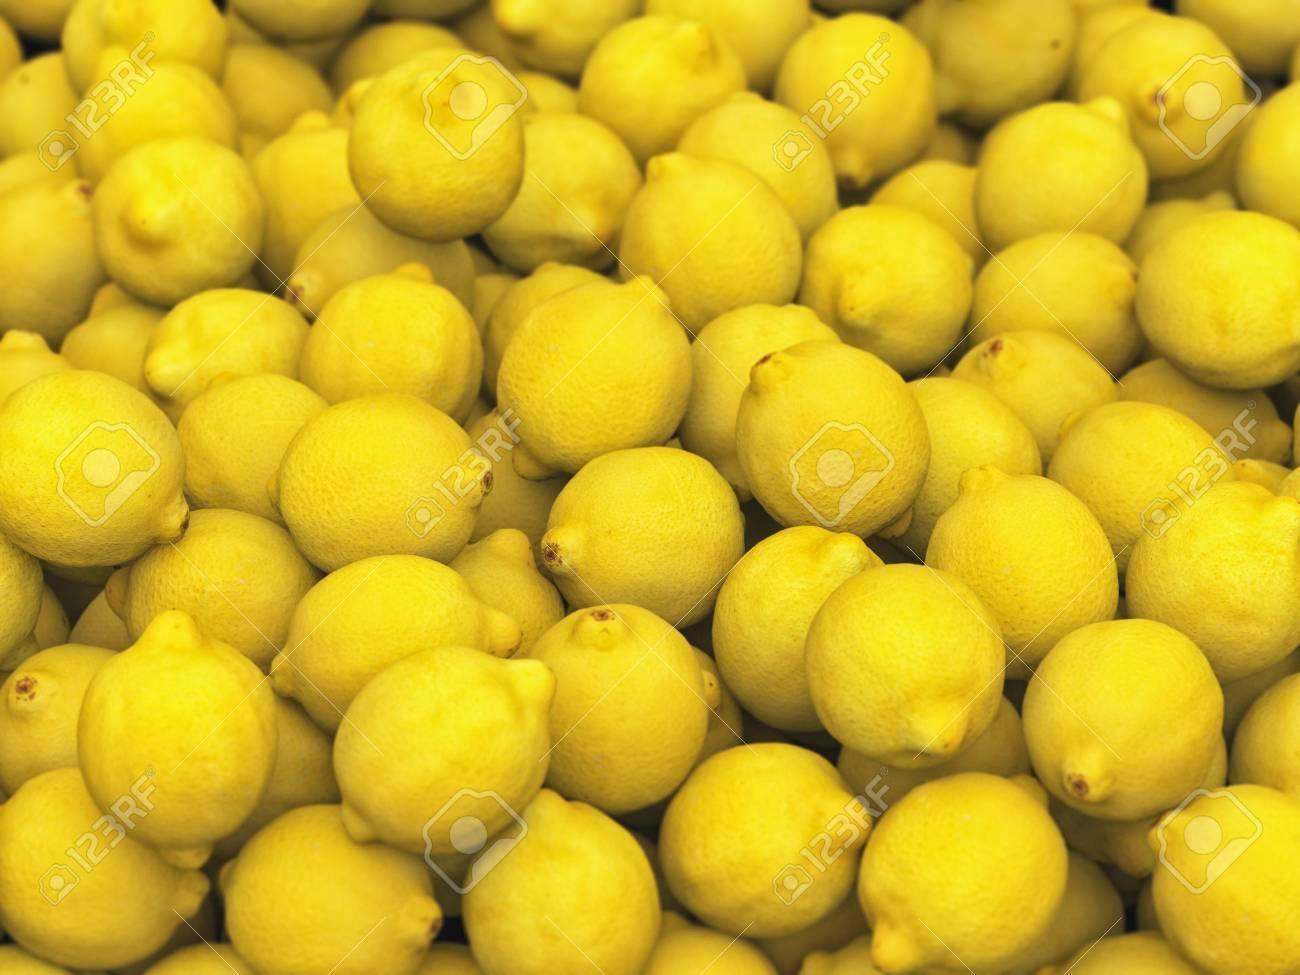 Mucchio di limoni sotto illuminazione da studio neutra questa